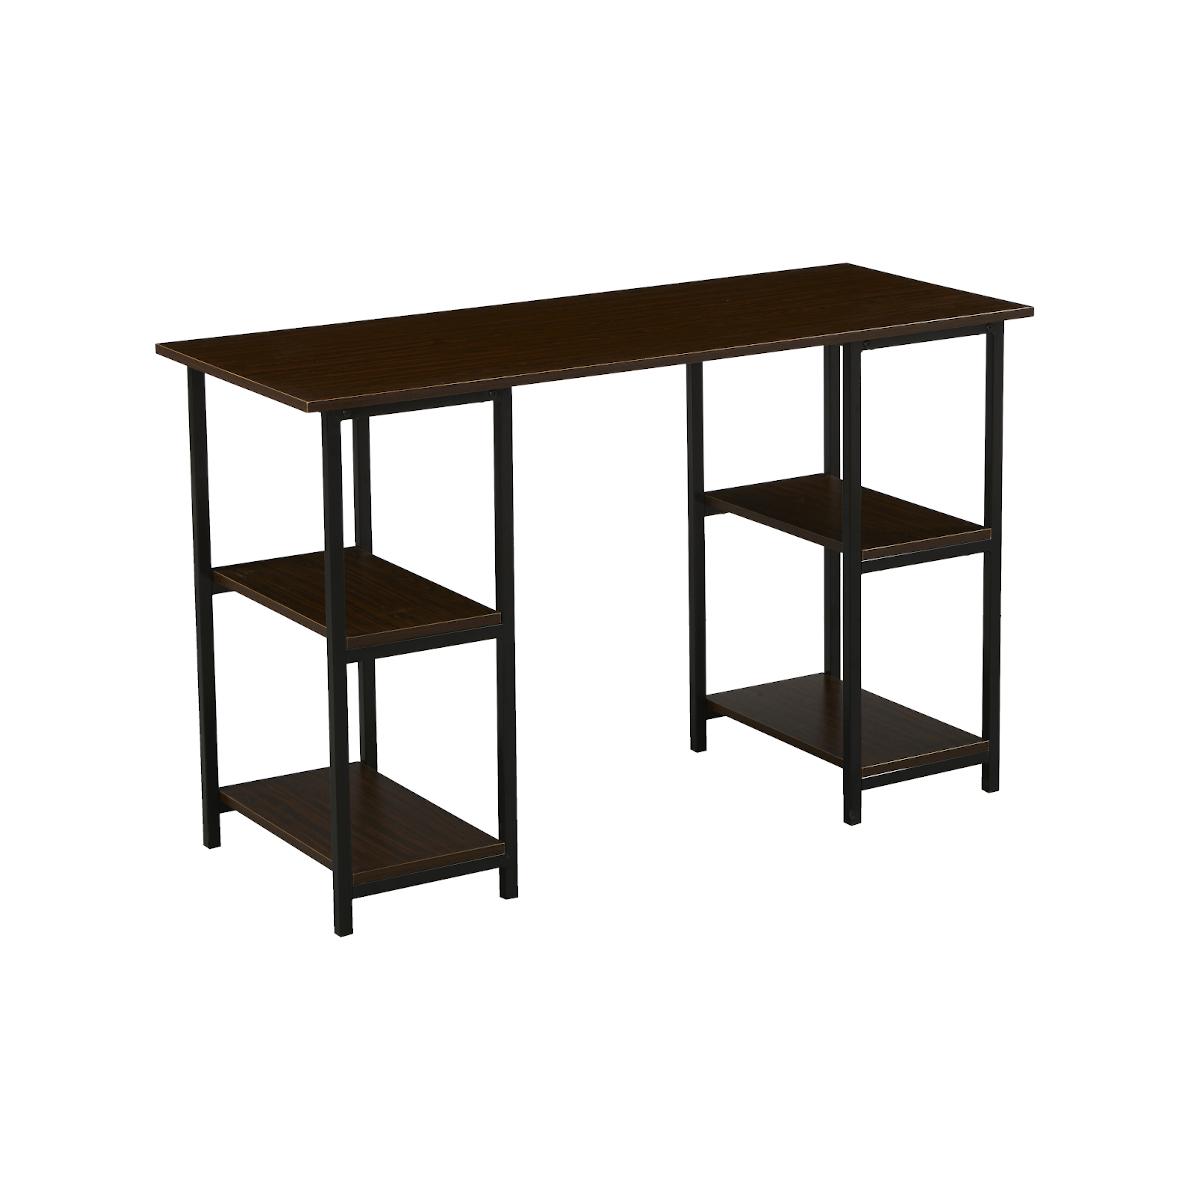 91154 SVITA Studio Schreibtisch Regal Nussbaum-Optik schwarze Metall-Beine